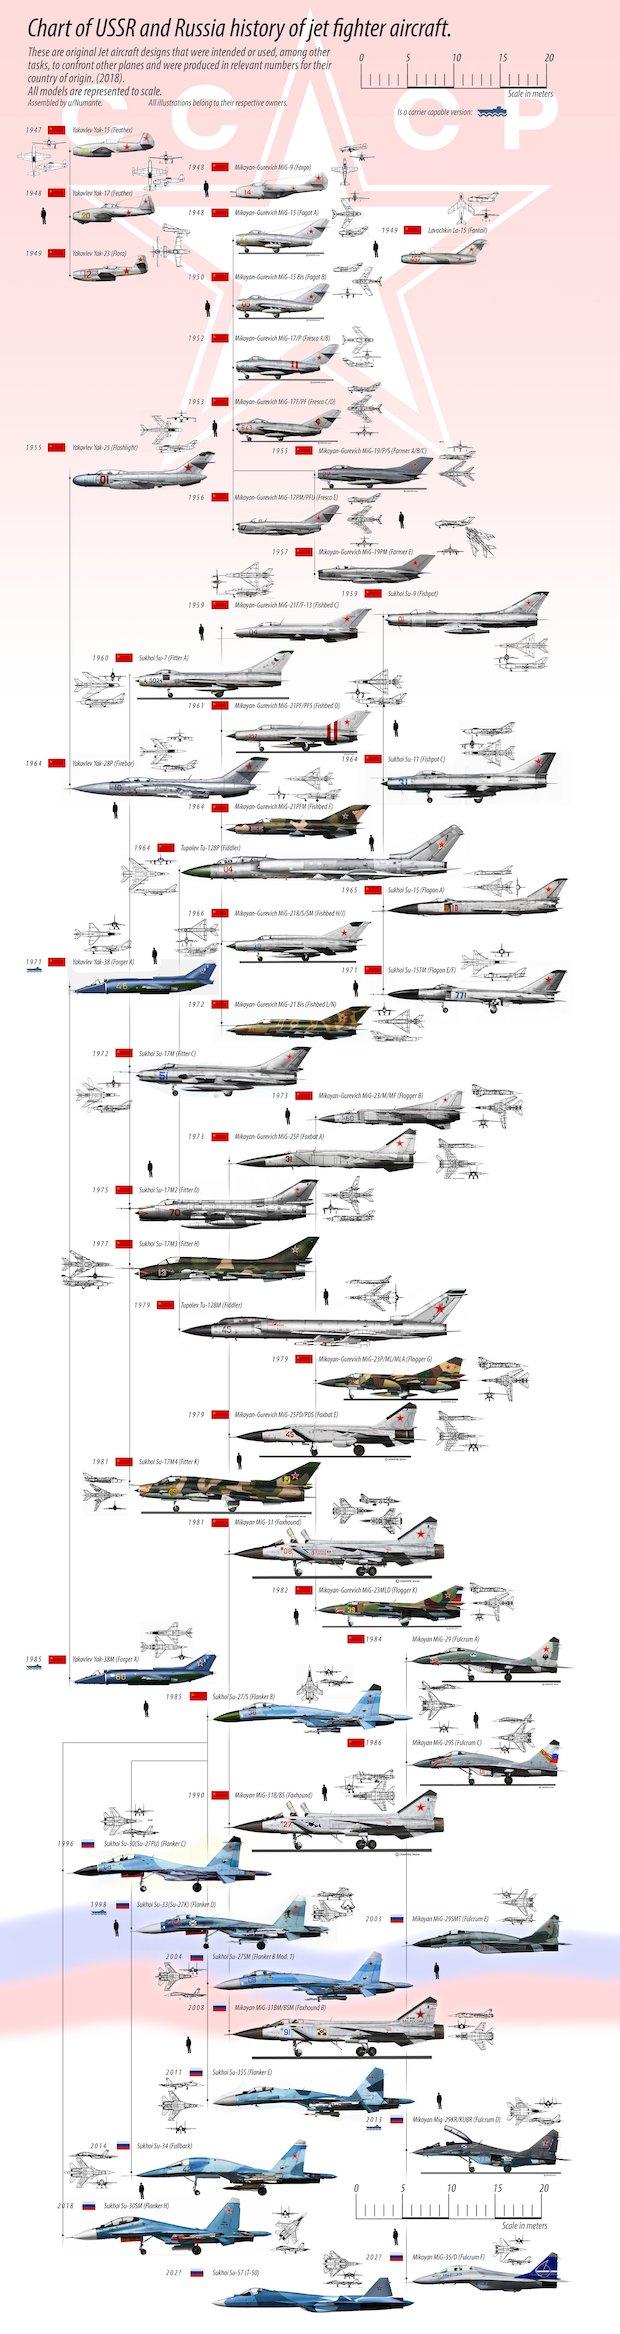 Historia i rozwój myśliwców w ZSRR (Rosja) – Autor: numante/Reddit